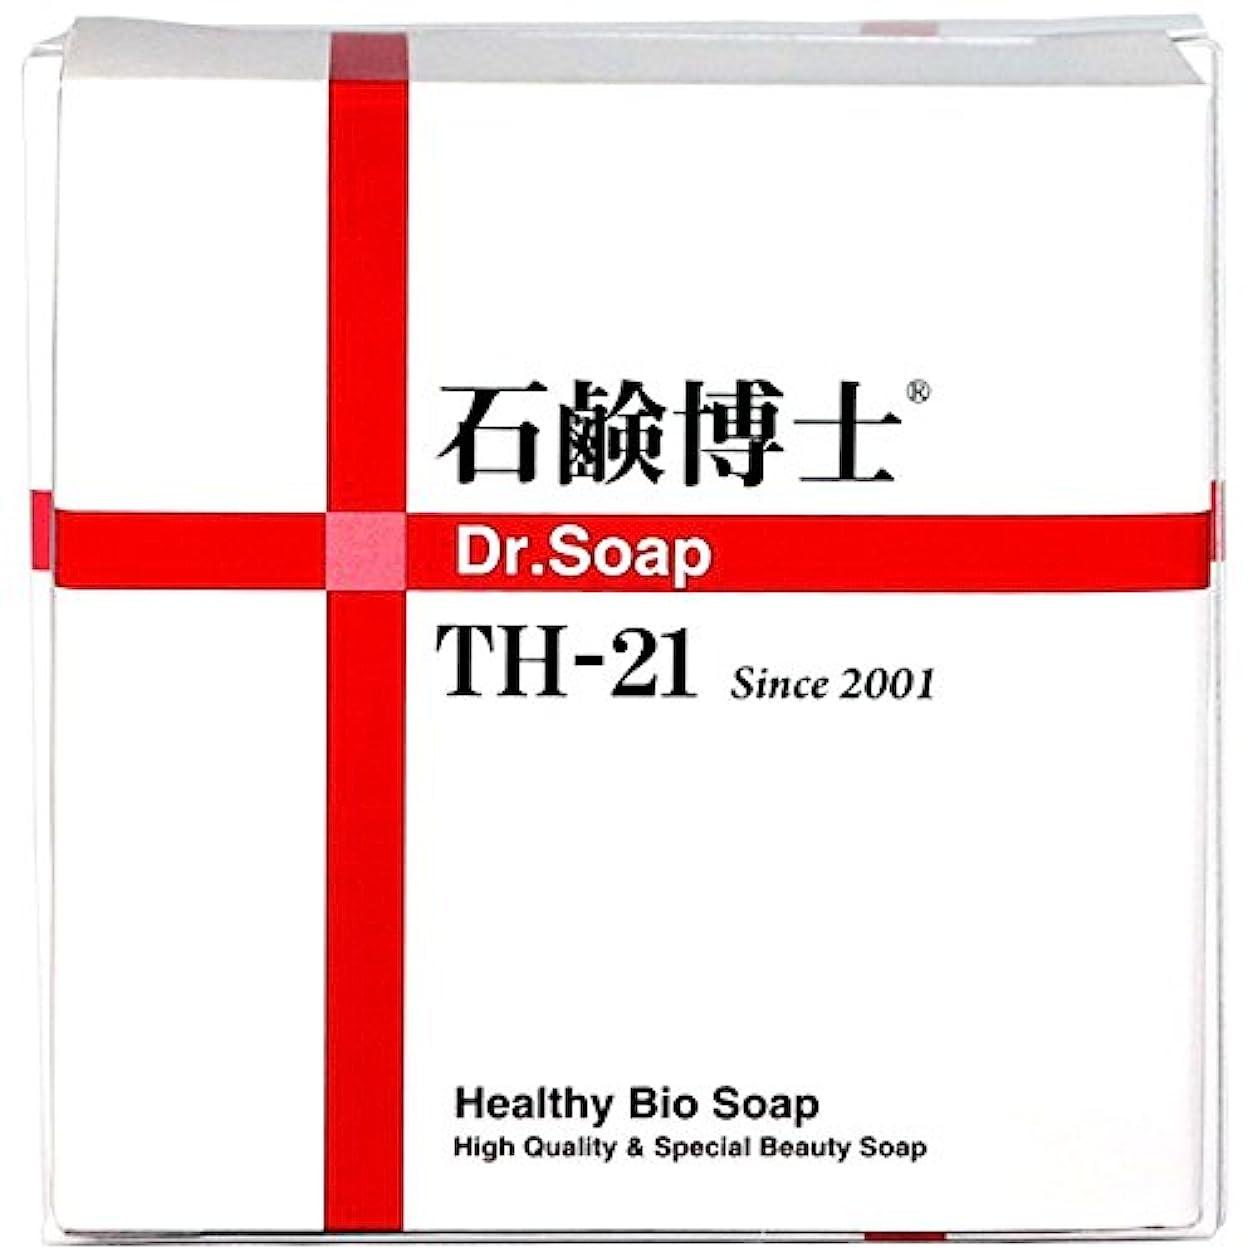 周囲くるくる広告ミネラルと分解酵素で洗顔しながらスキンケア 石鹸博士 DRソープ石鹸 Dr.Soap TH-21 100g